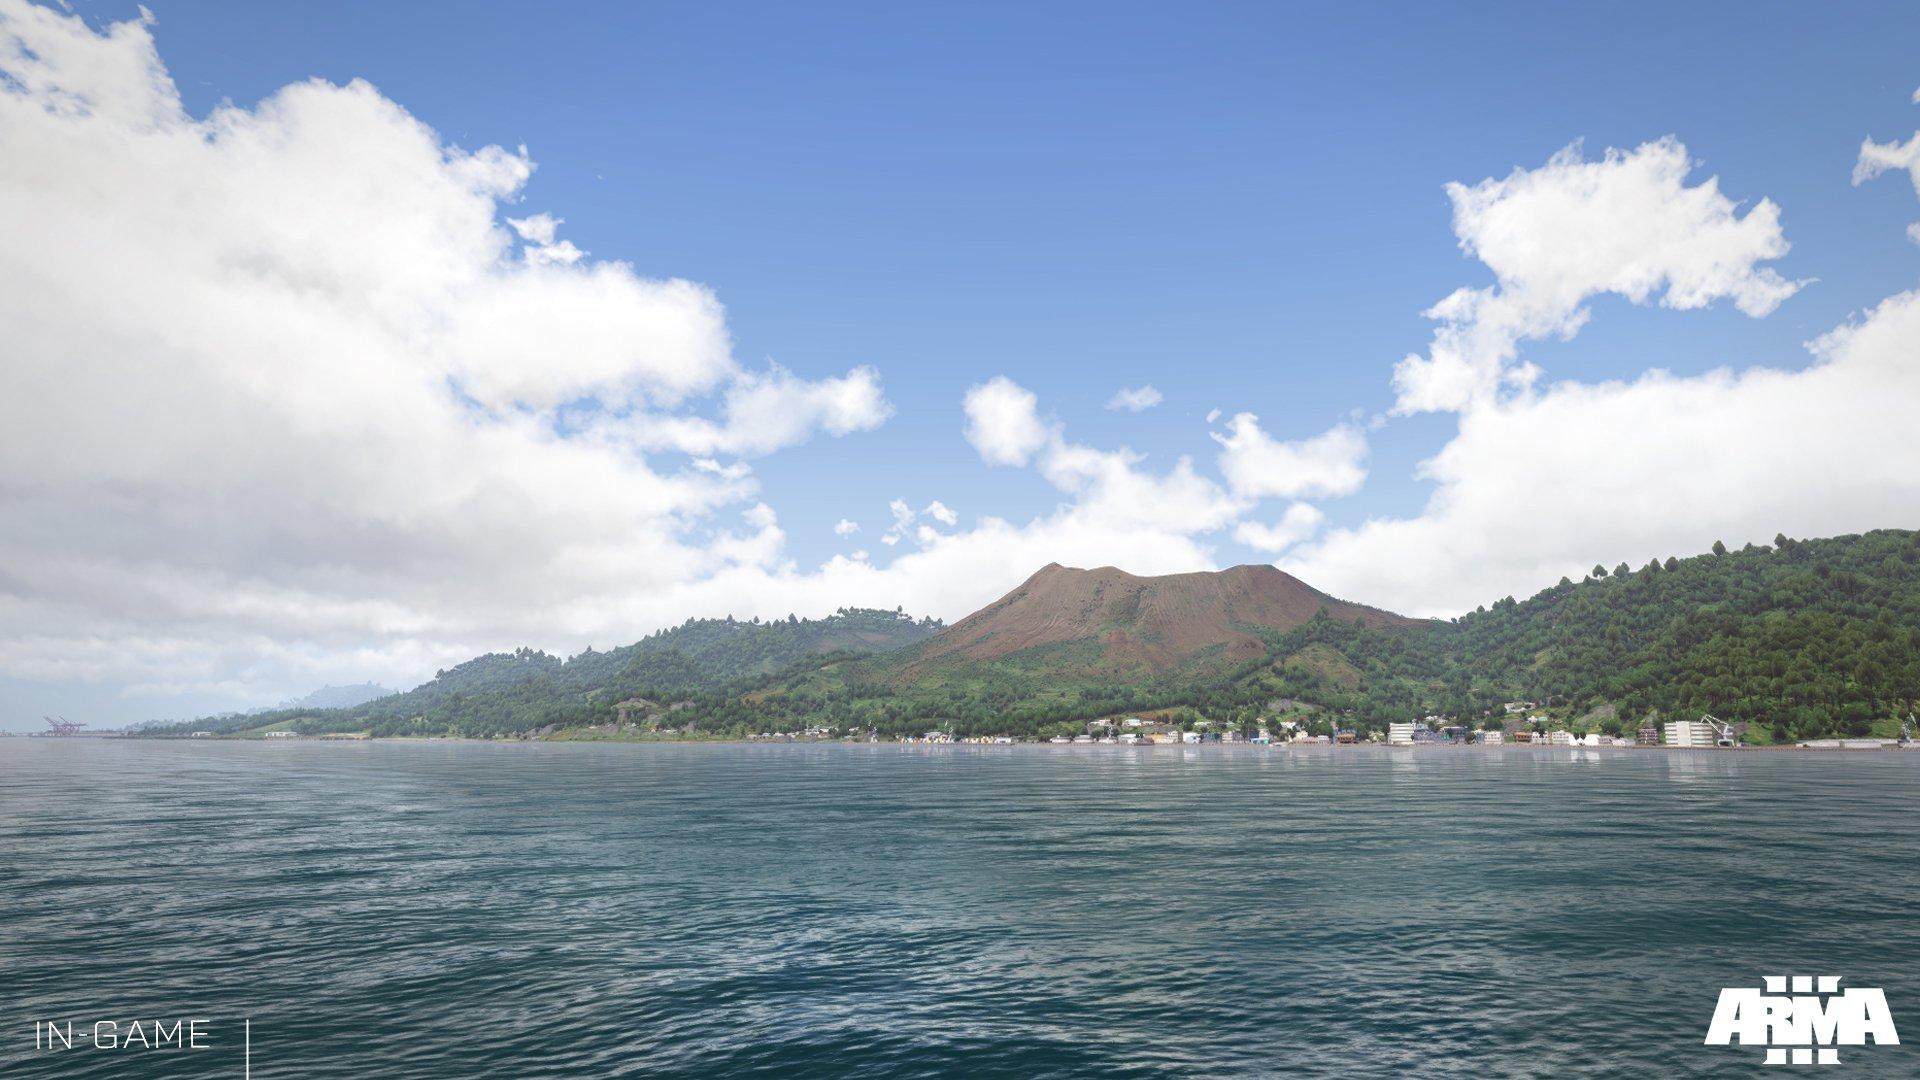 Разработчики Arma 3 знакомят игроков с островом Таноа